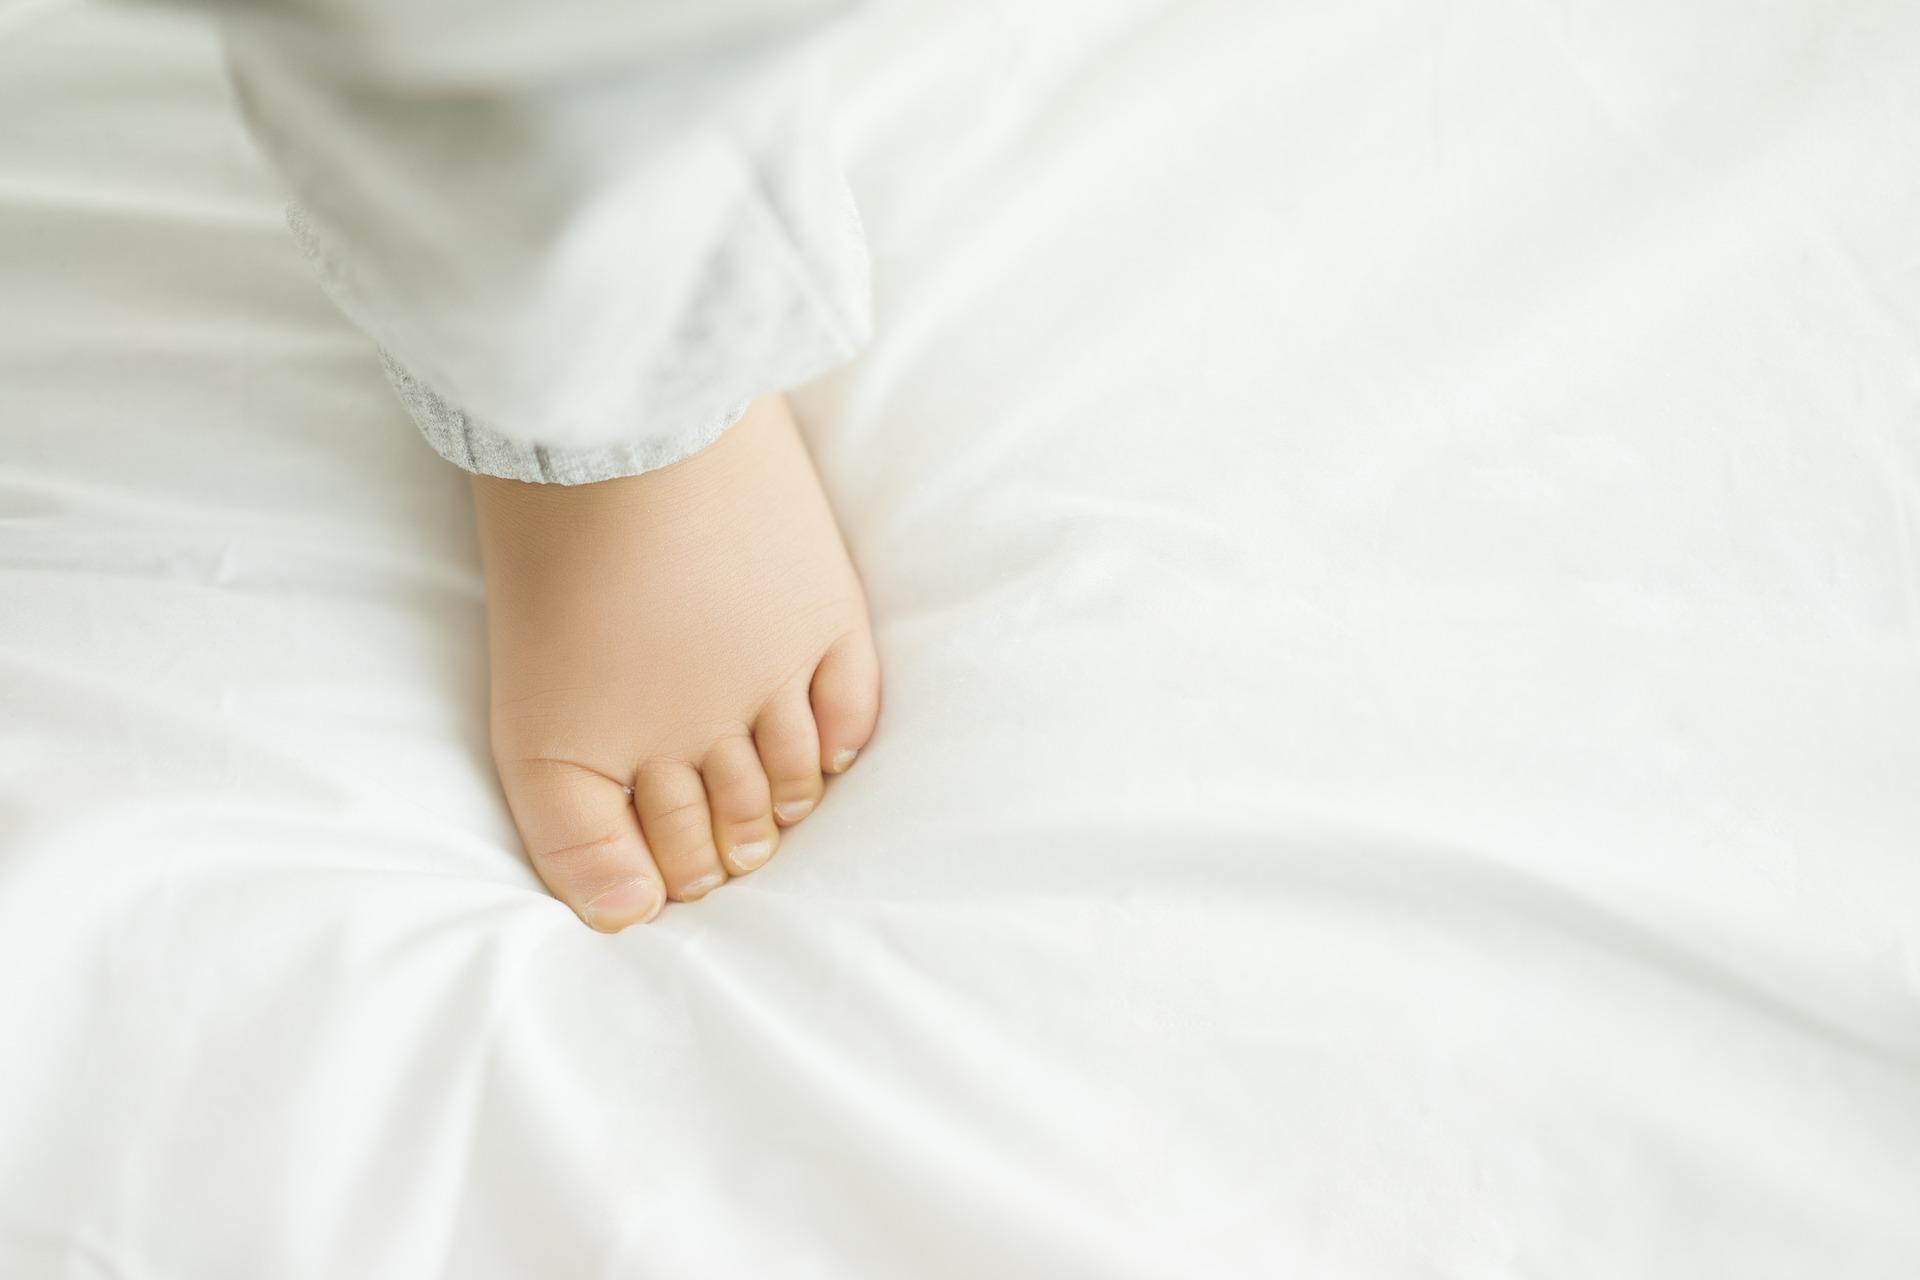 foot-3194800_1920